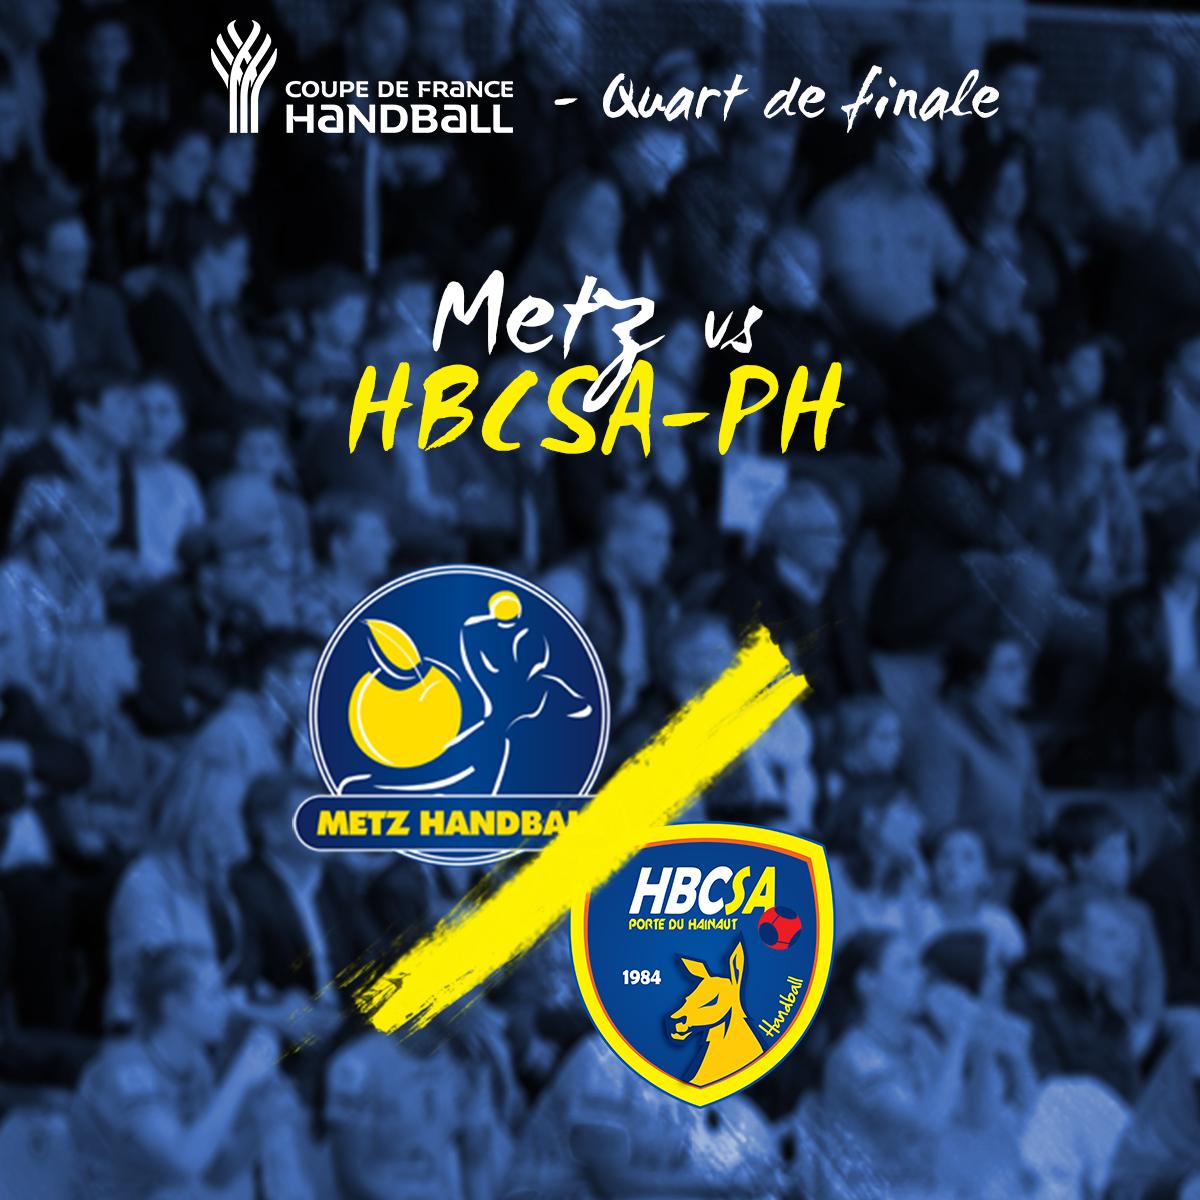 Le HBCSA-PH rencontrera Metz en ¼ de finale de la Coupe de France !